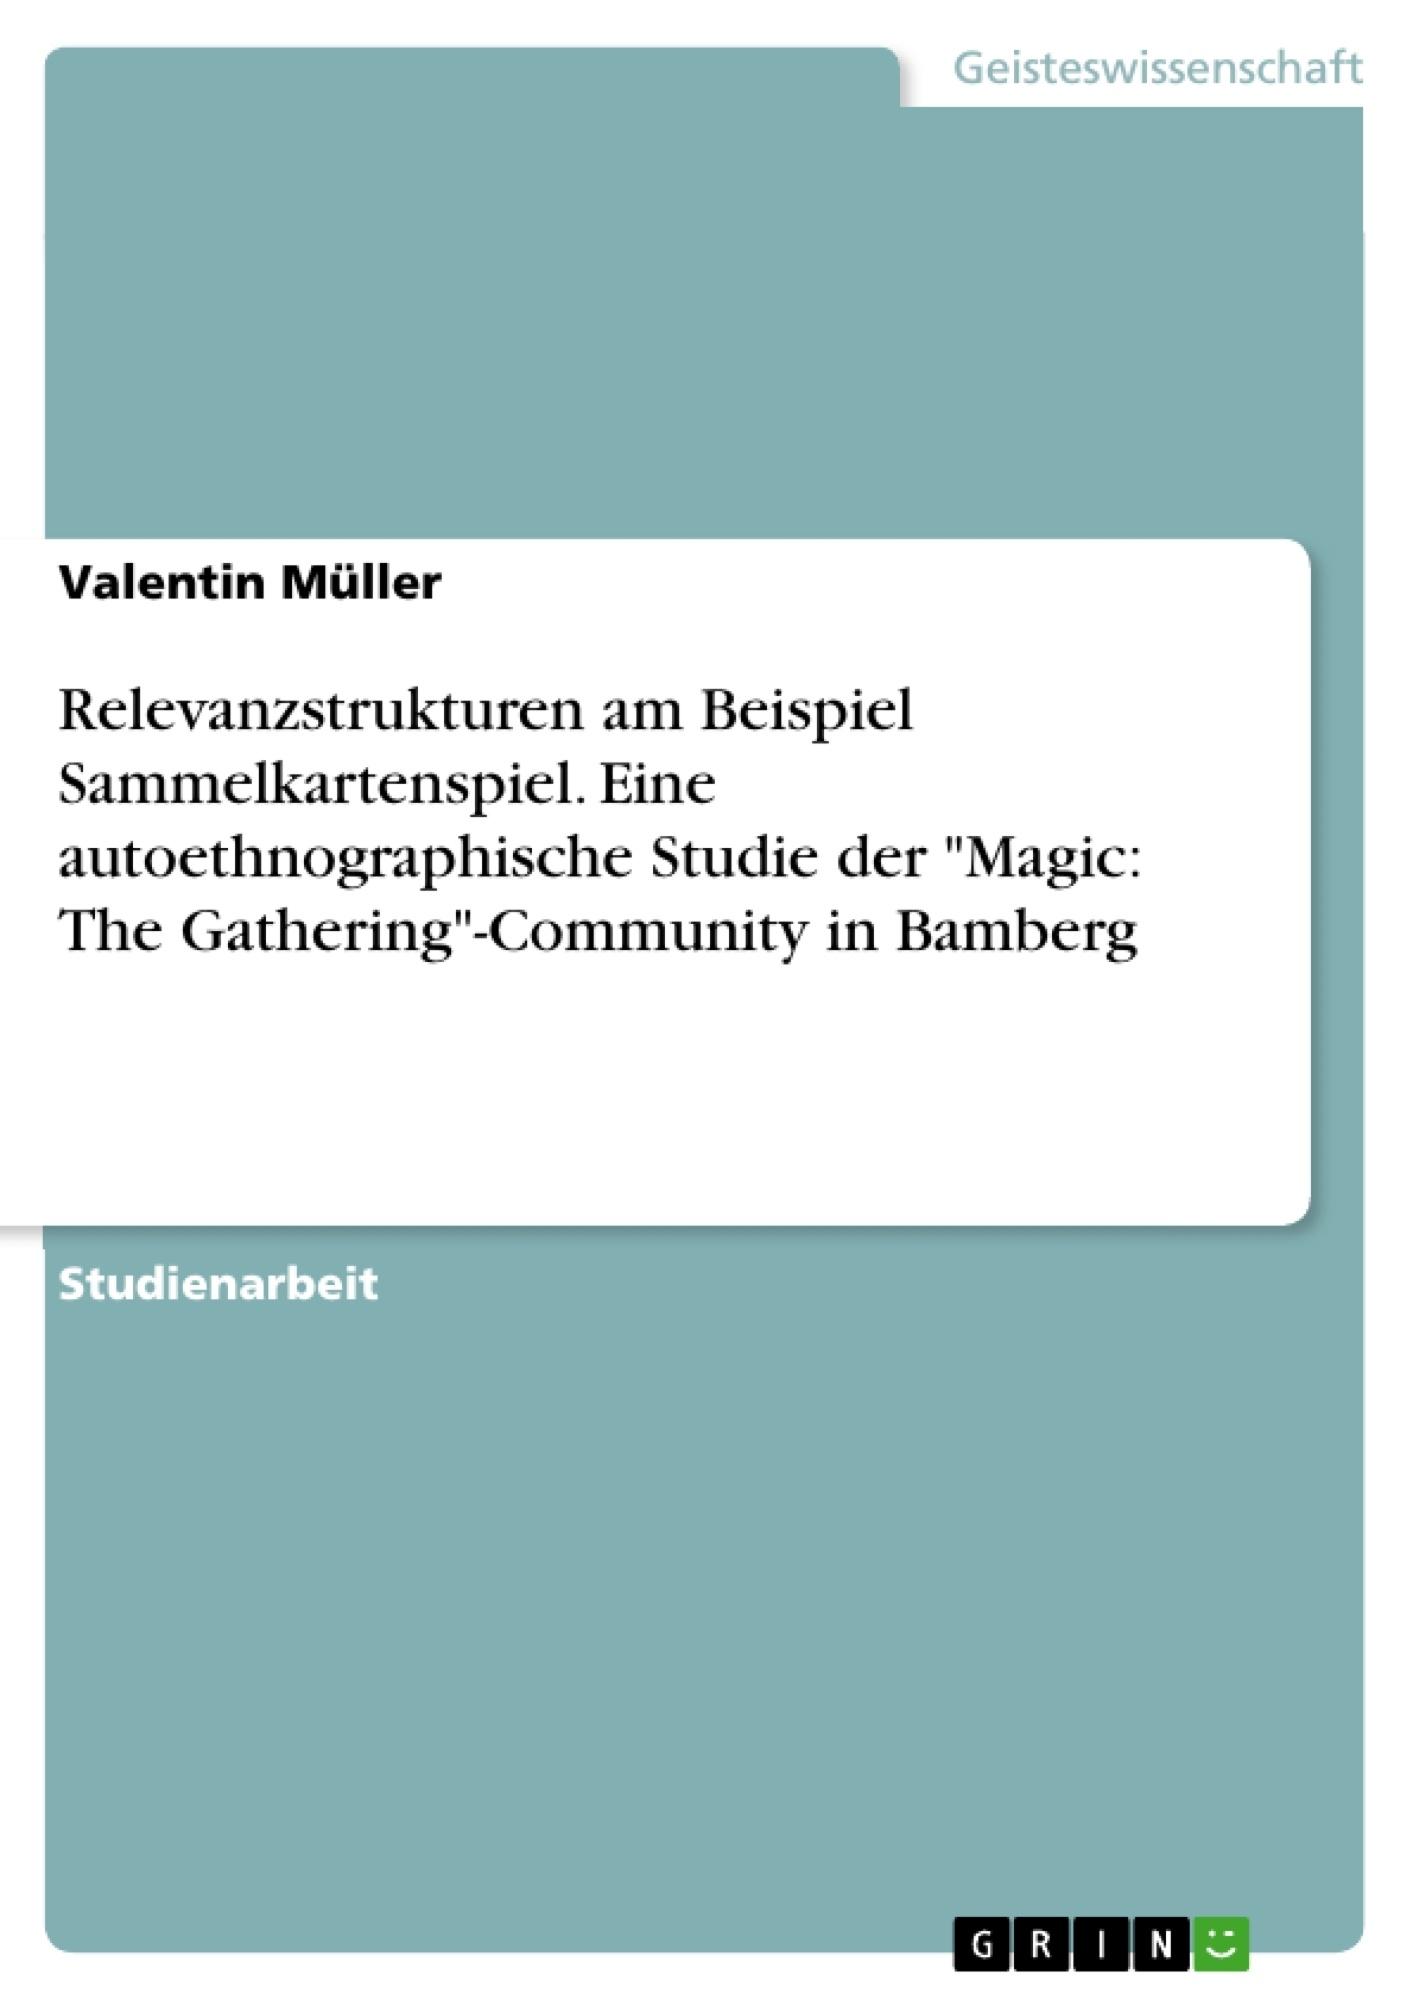 """Titel: Relevanzstrukturen am Beispiel Sammelkartenspiel. Eine autoethnographische Studie der """"Magic: The Gathering""""-Community in Bamberg"""